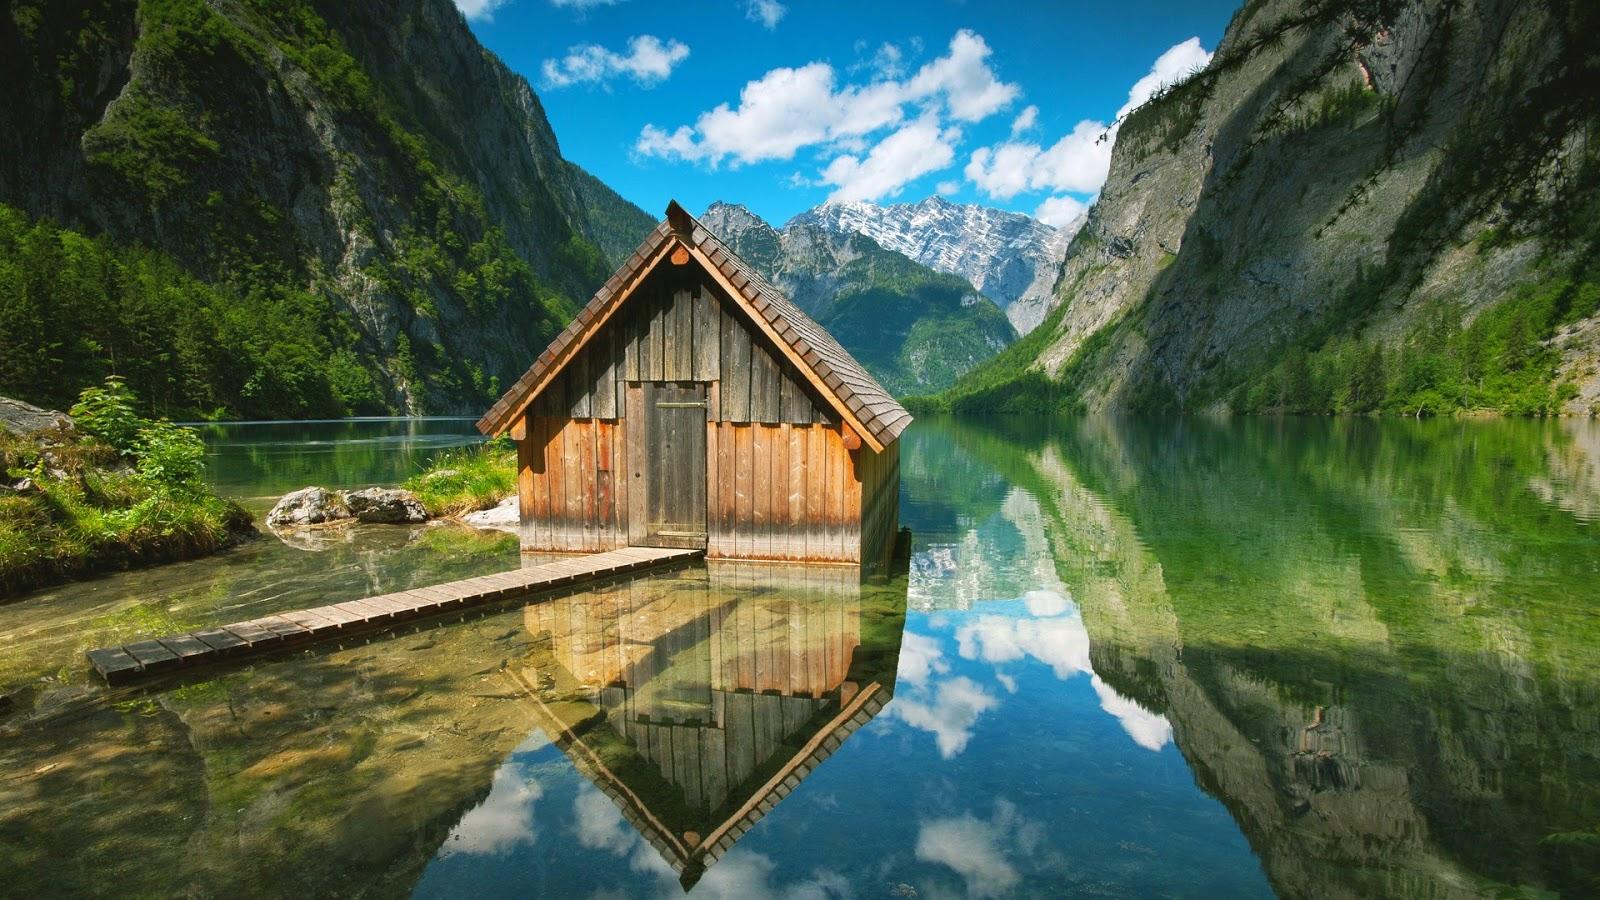 Hut in een meer in de bergen  HD Wallpapers